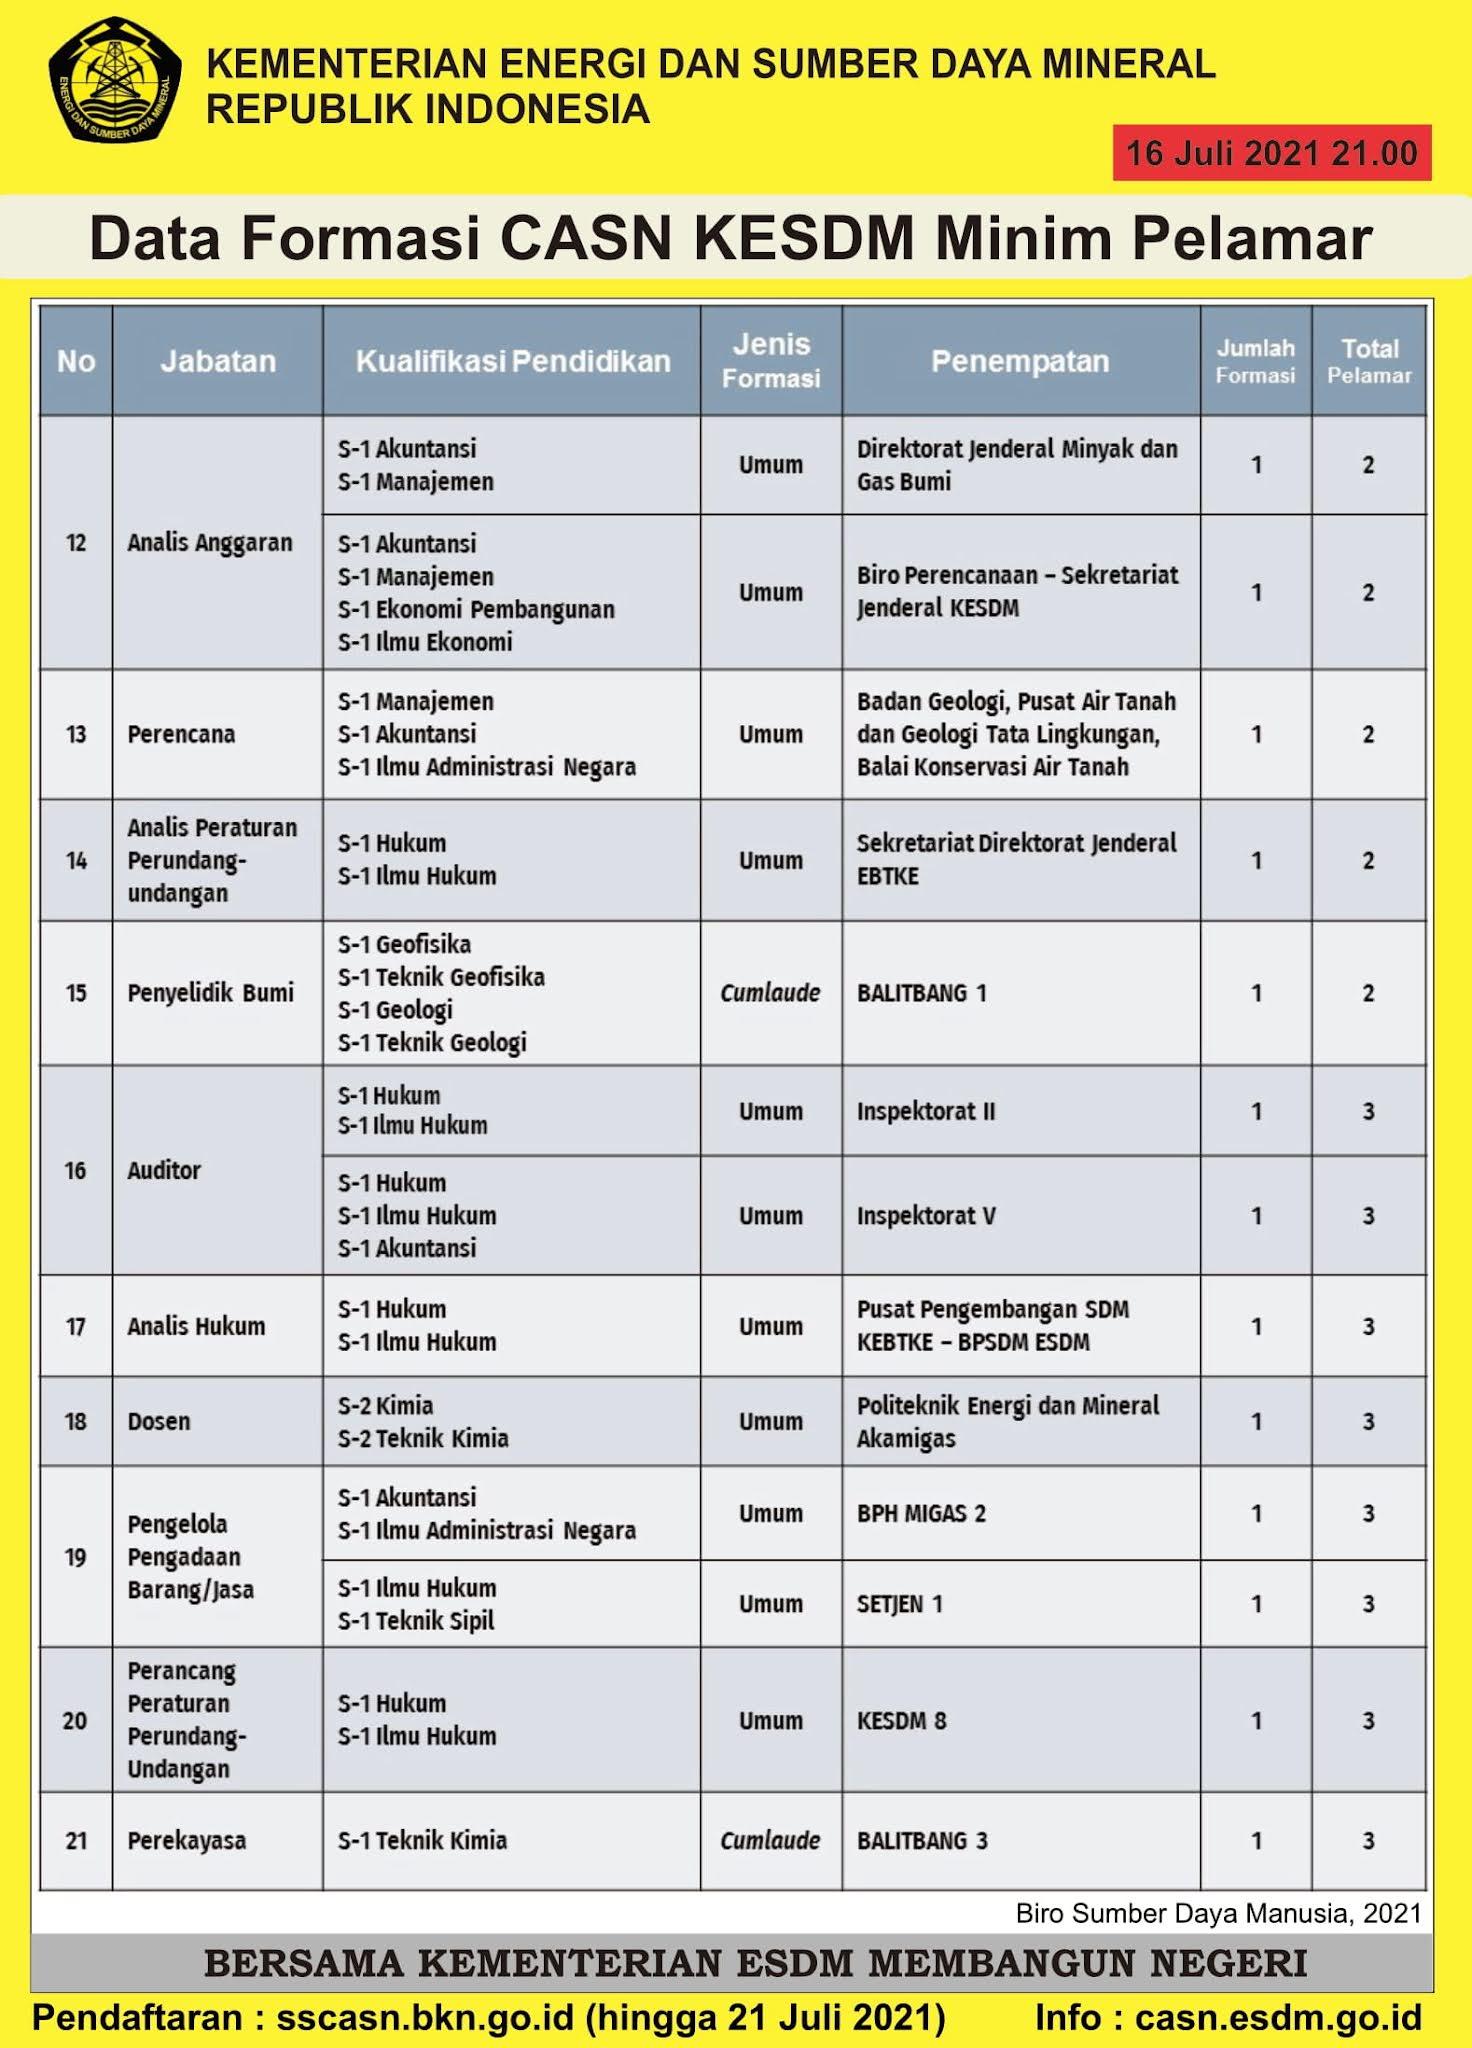 Daftar Formasi CPNS Kementerian ESDM yang Minim Pelamar